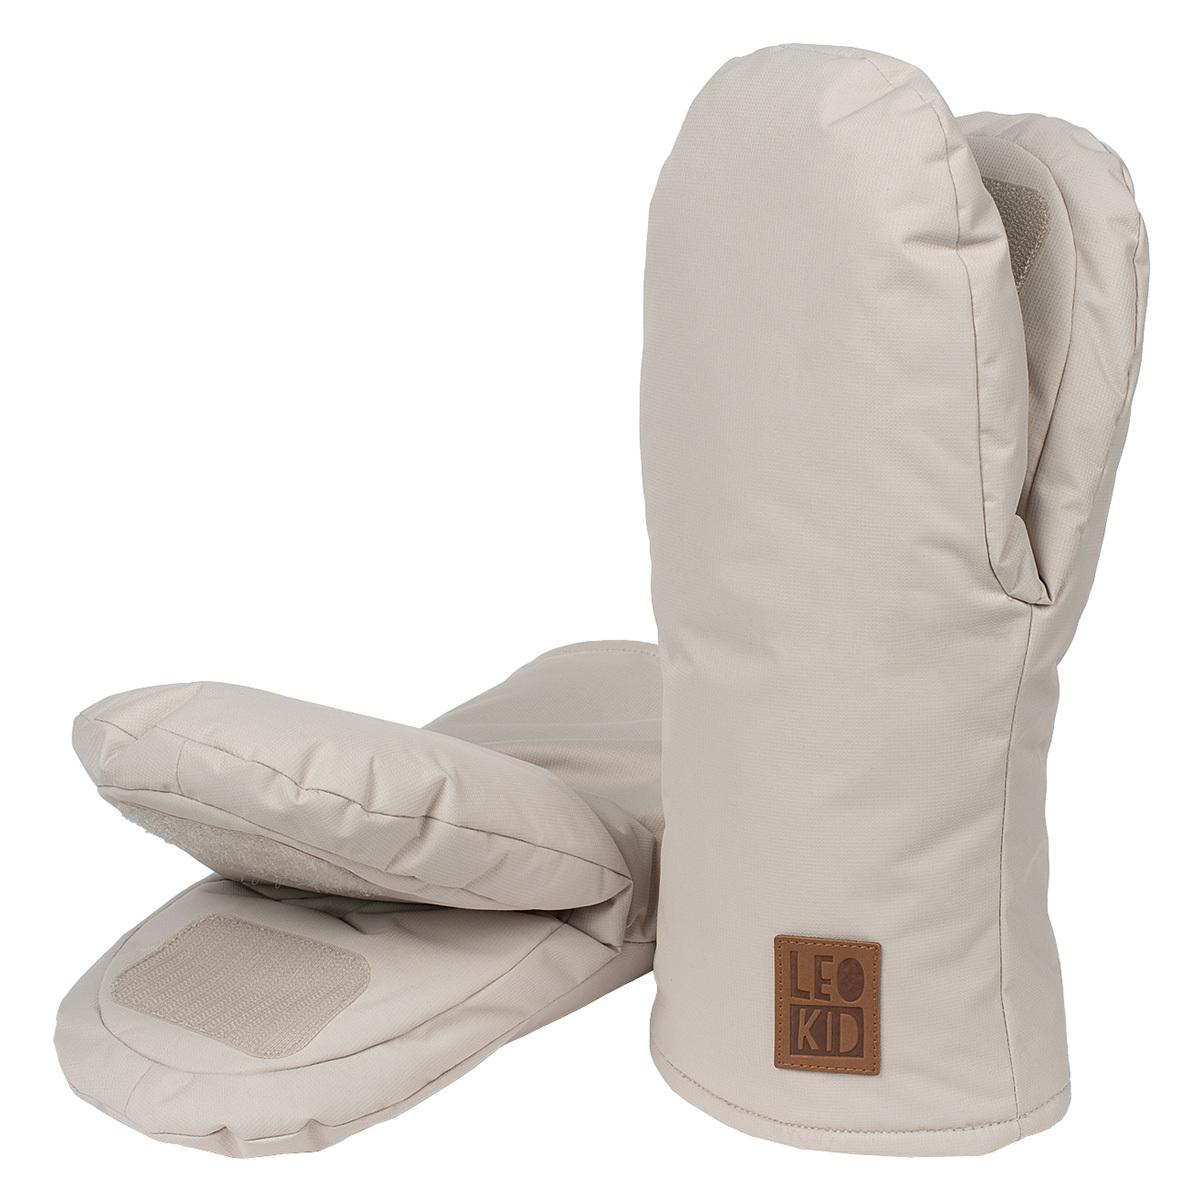 Accessoires poussette Moufles de Poussette - Blanc Cassé Moufles de Poussette - Blanc Cassé